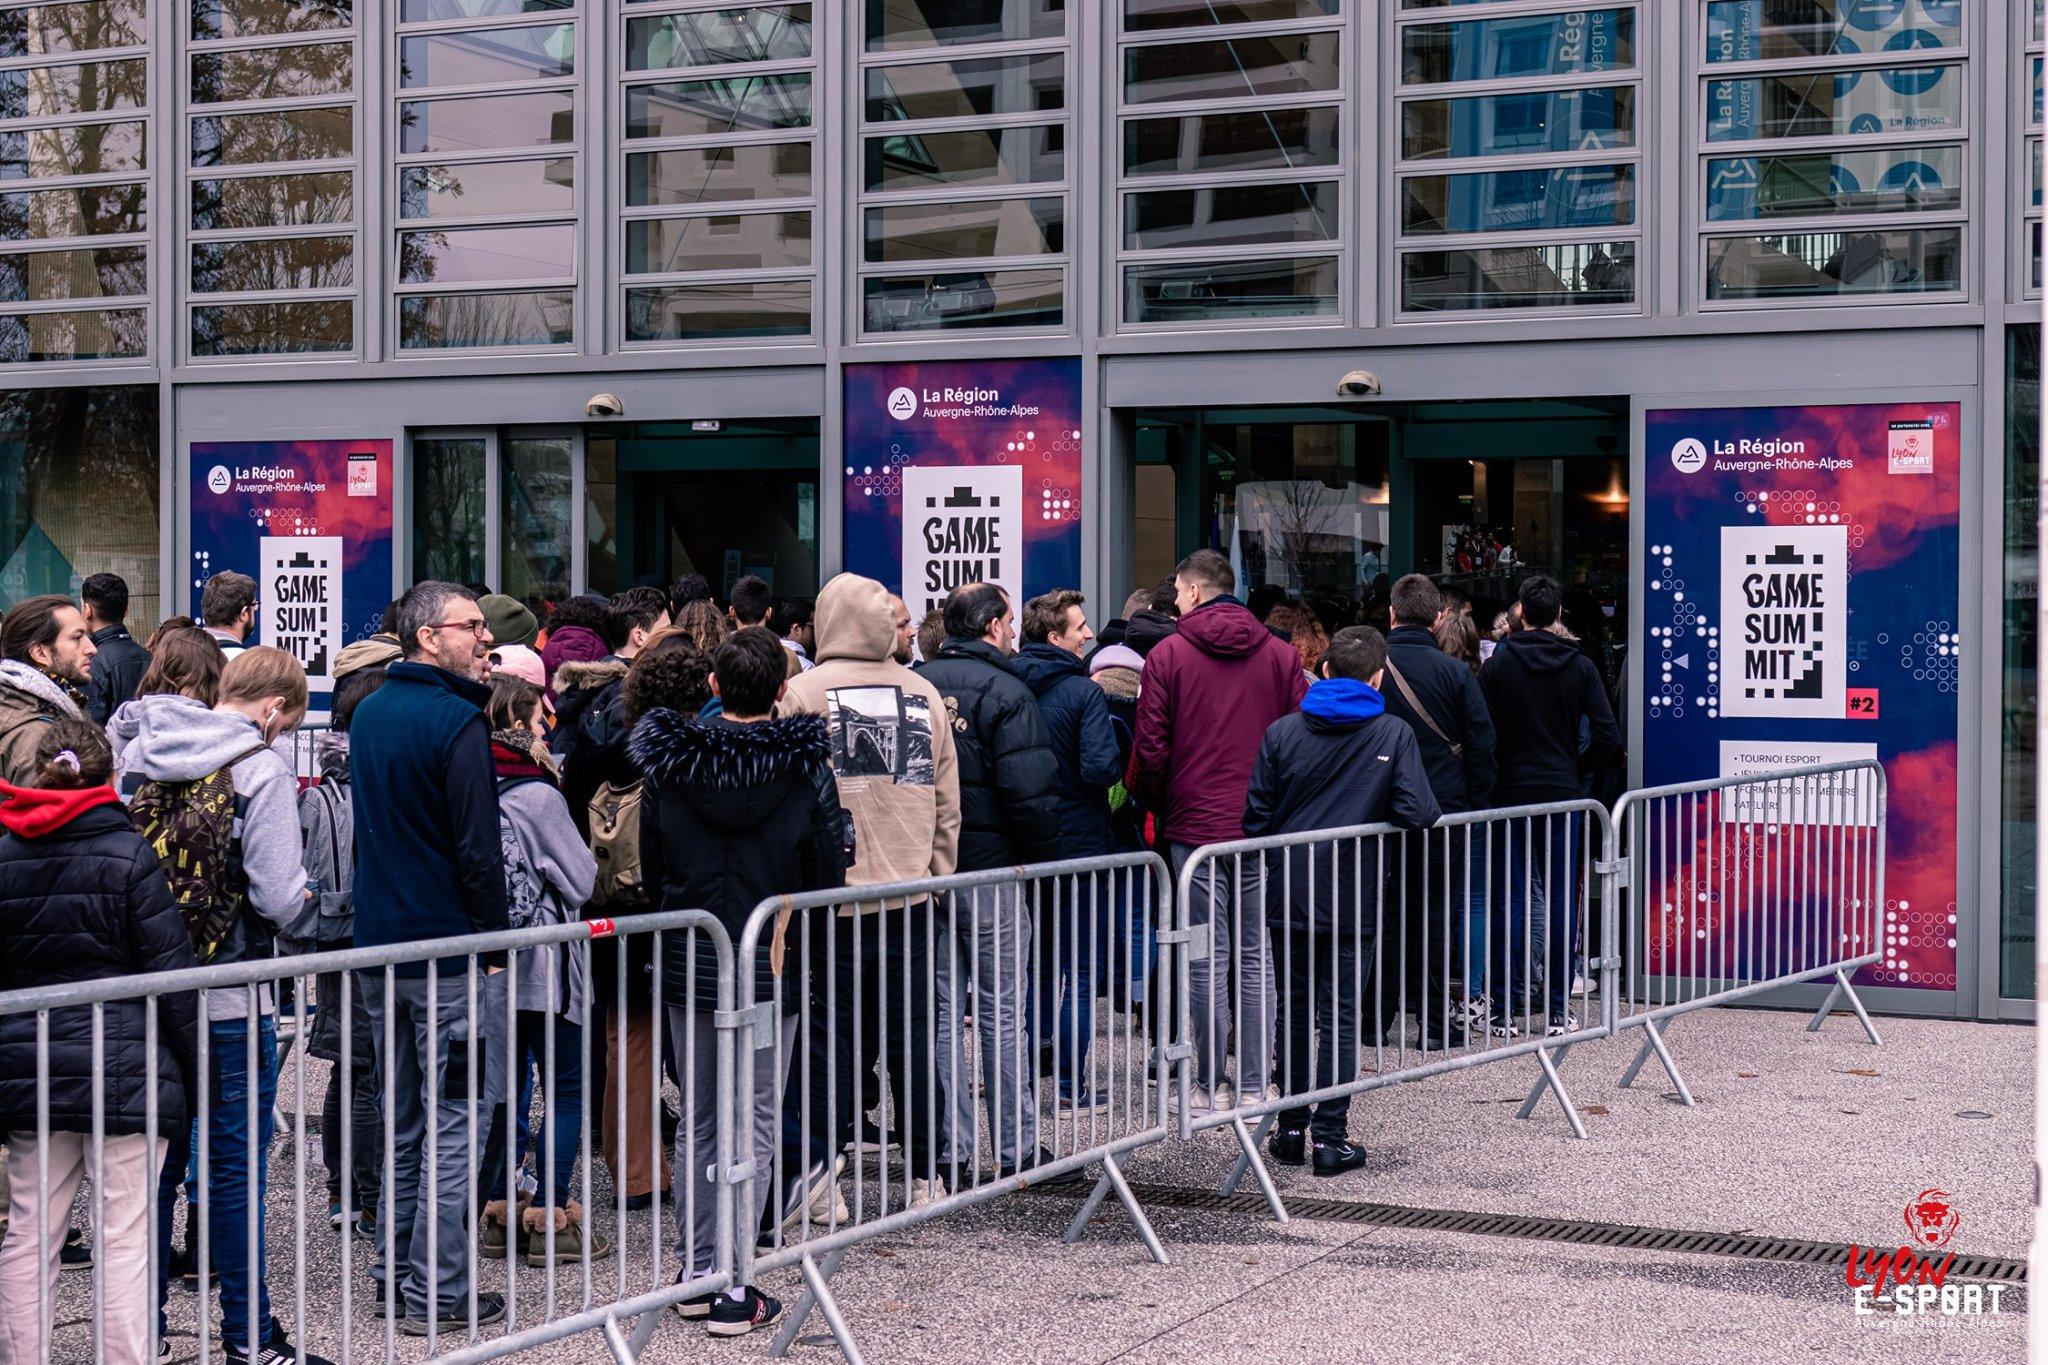 Evènement Gaming Summit 2019 Lyon - Jeux vidéo & Esport